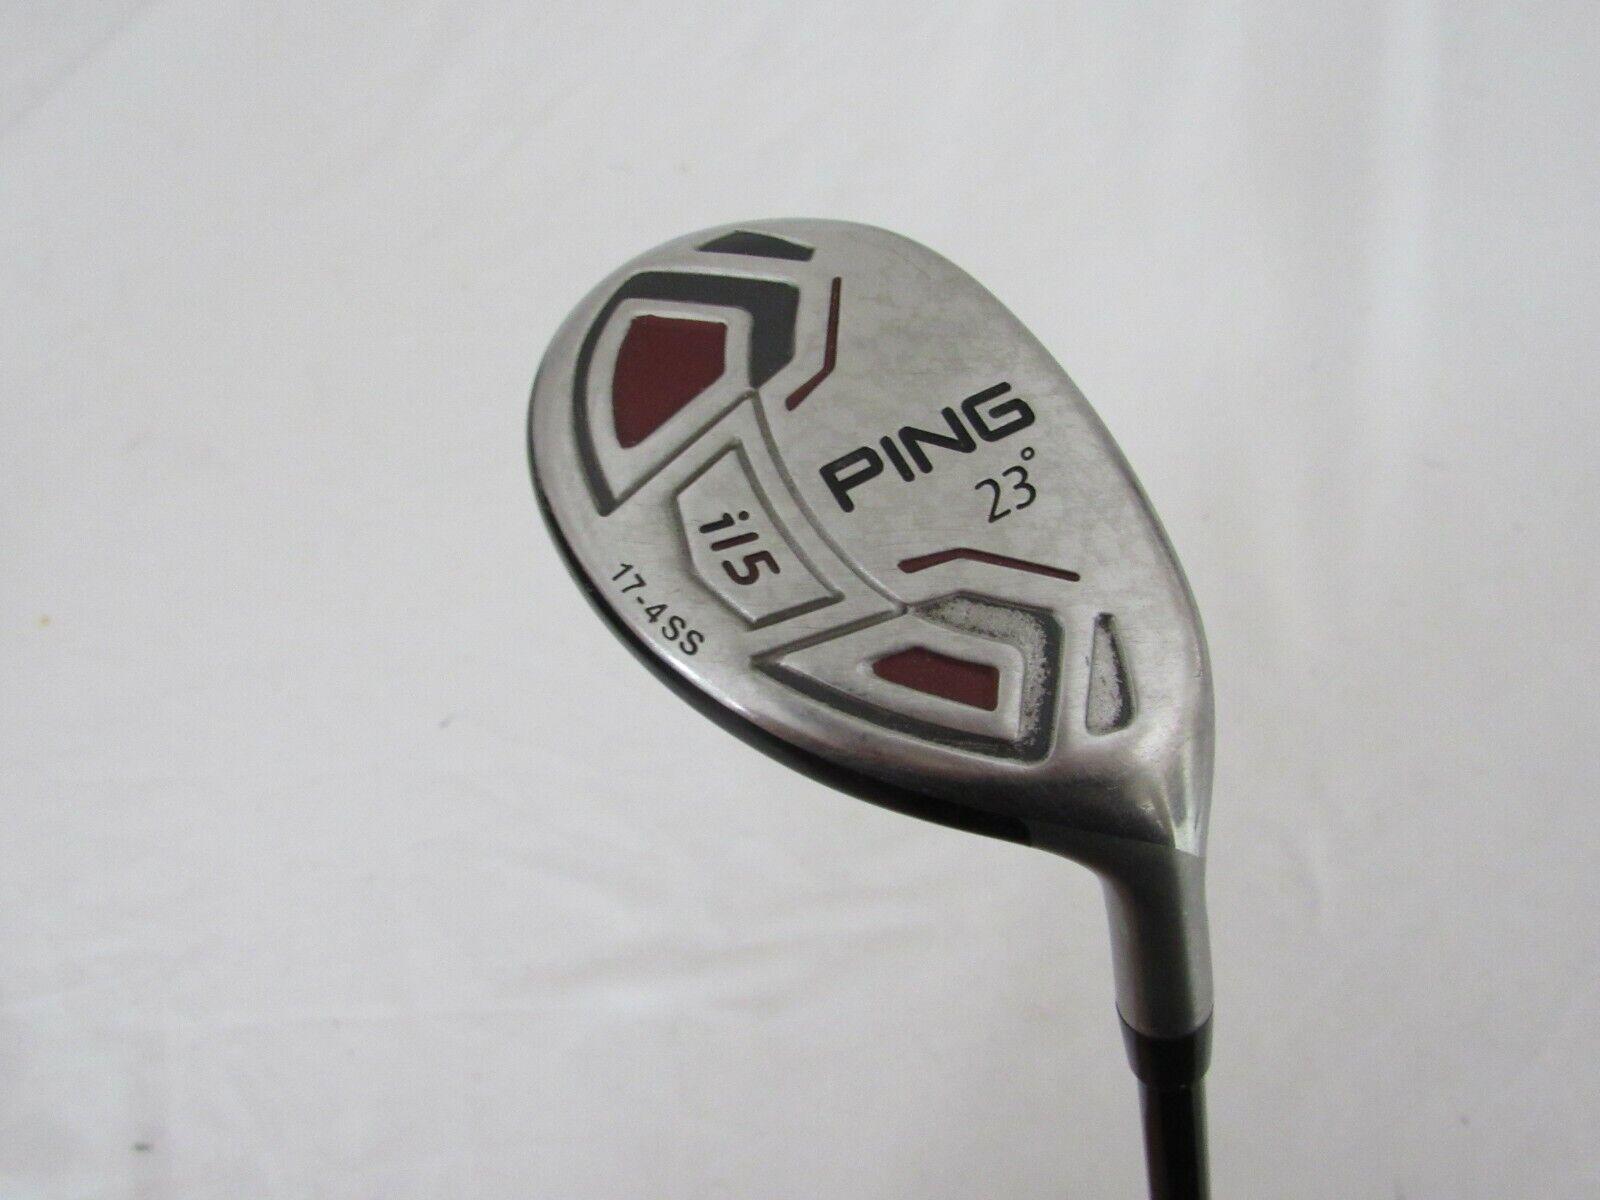 Utiliza la mano derecha  Ping i15 23 ° Hybrid-GRAPHITE Design 85g Eje Regular R-Flex Flex (R)  Tienda de moda y compras online.